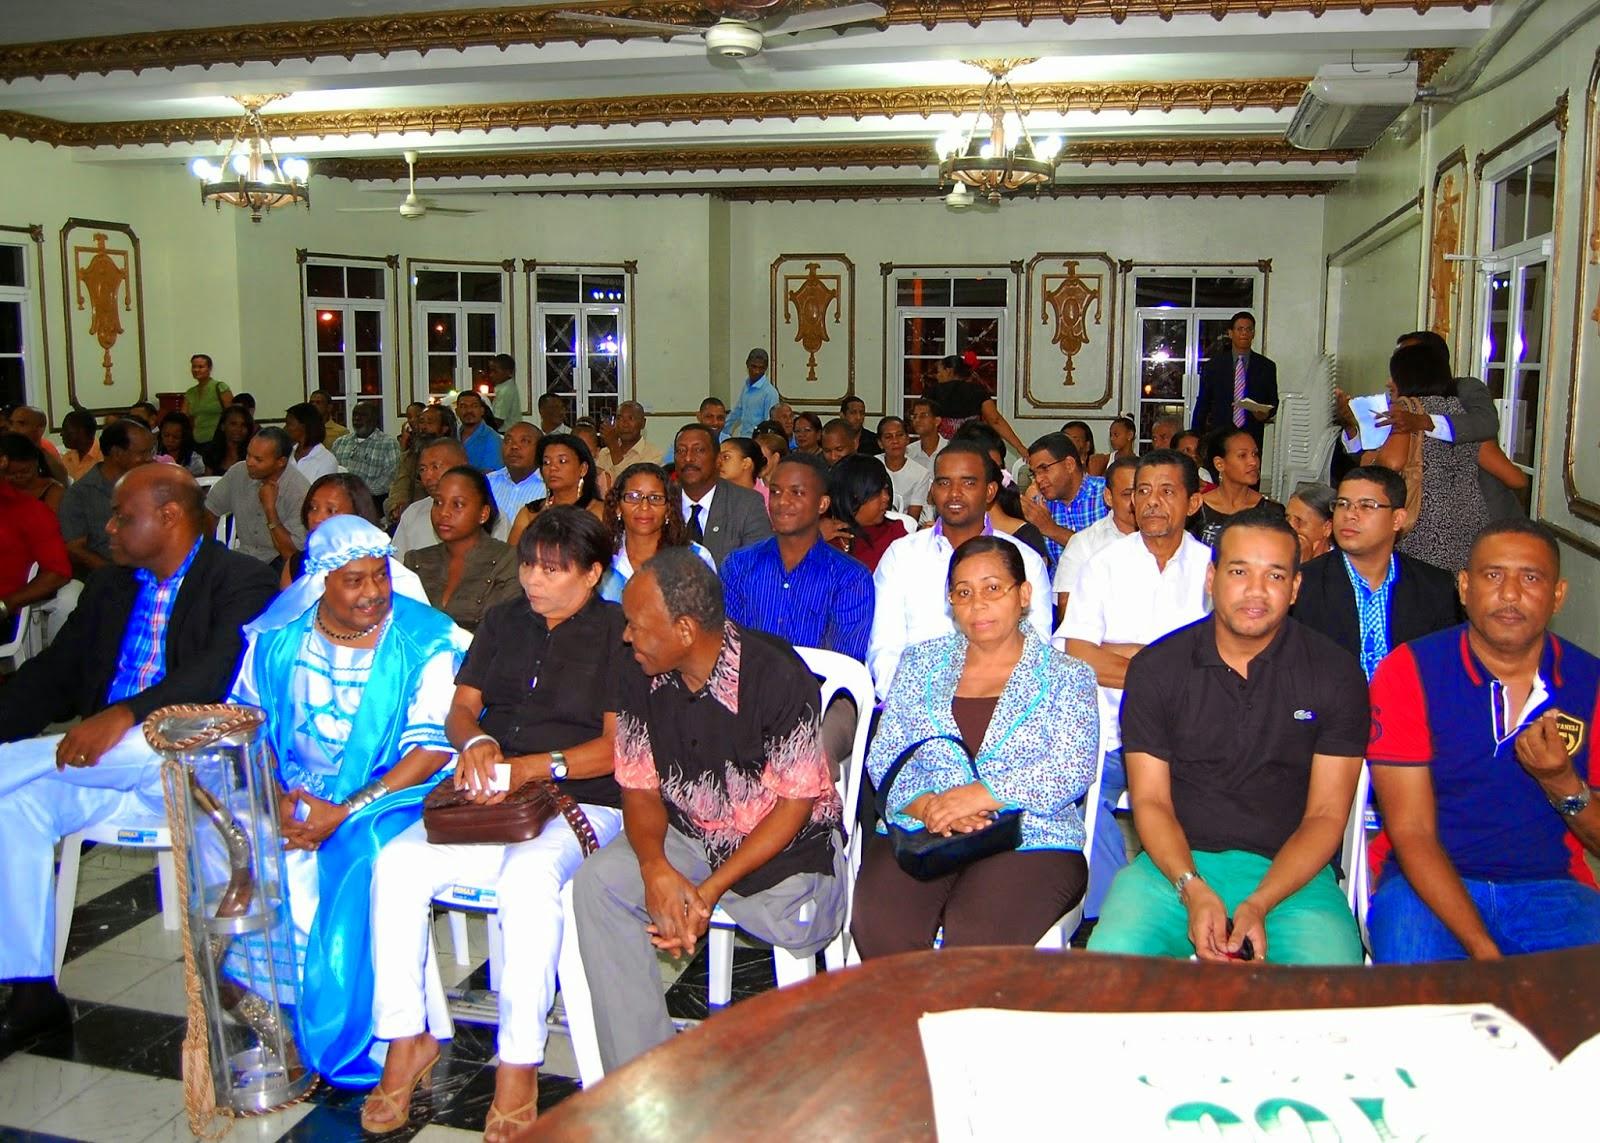 Público que asistió a la puesta en circulación del libro de poemas VERSOS LIBRES